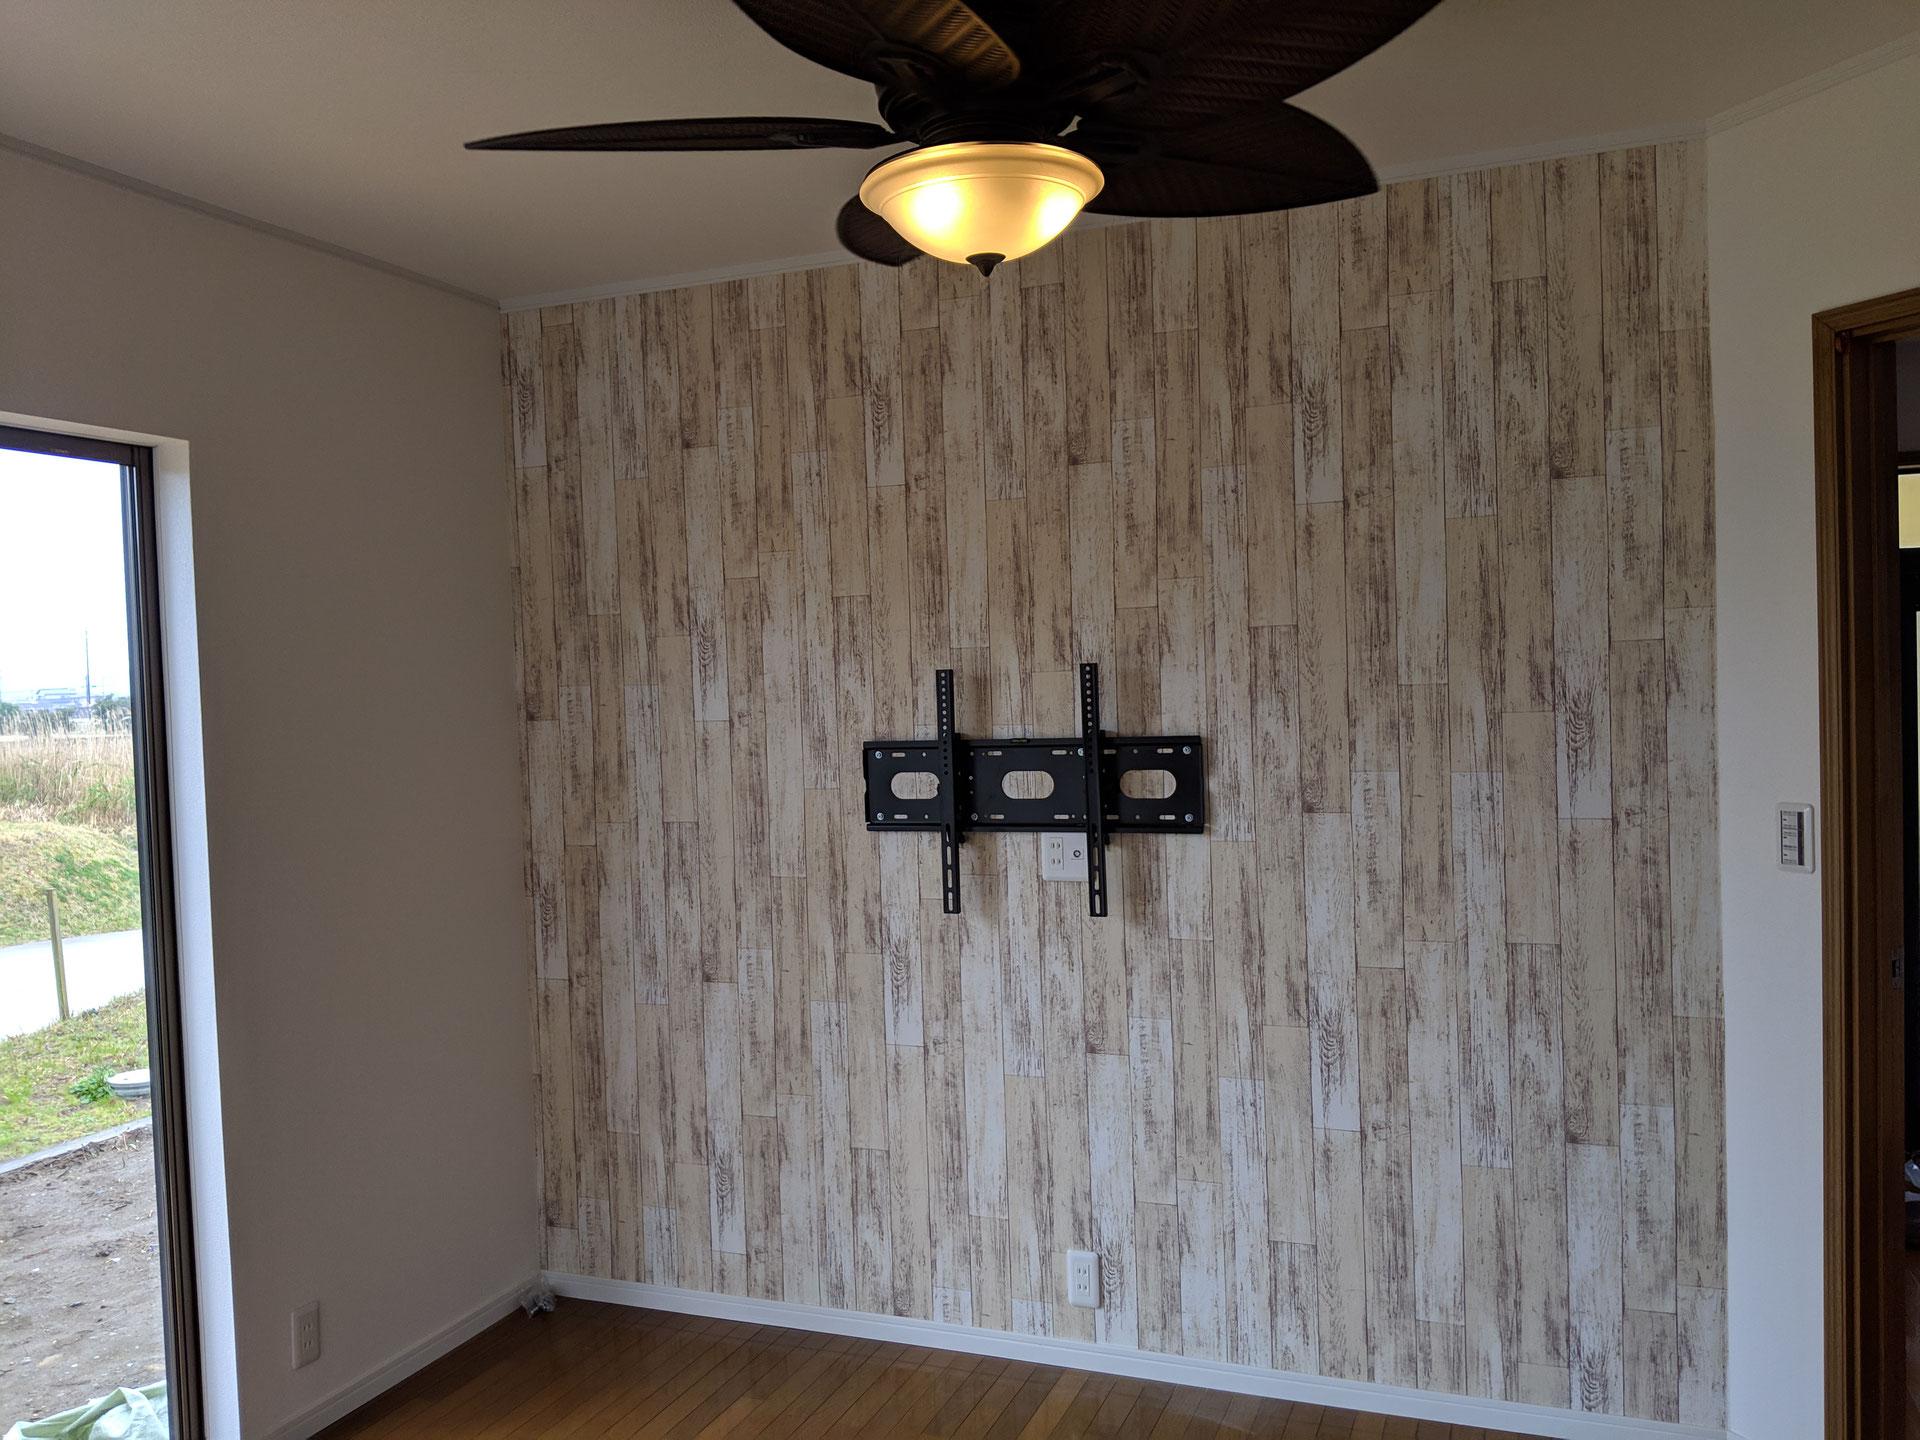 テレビ 金具 壁掛け